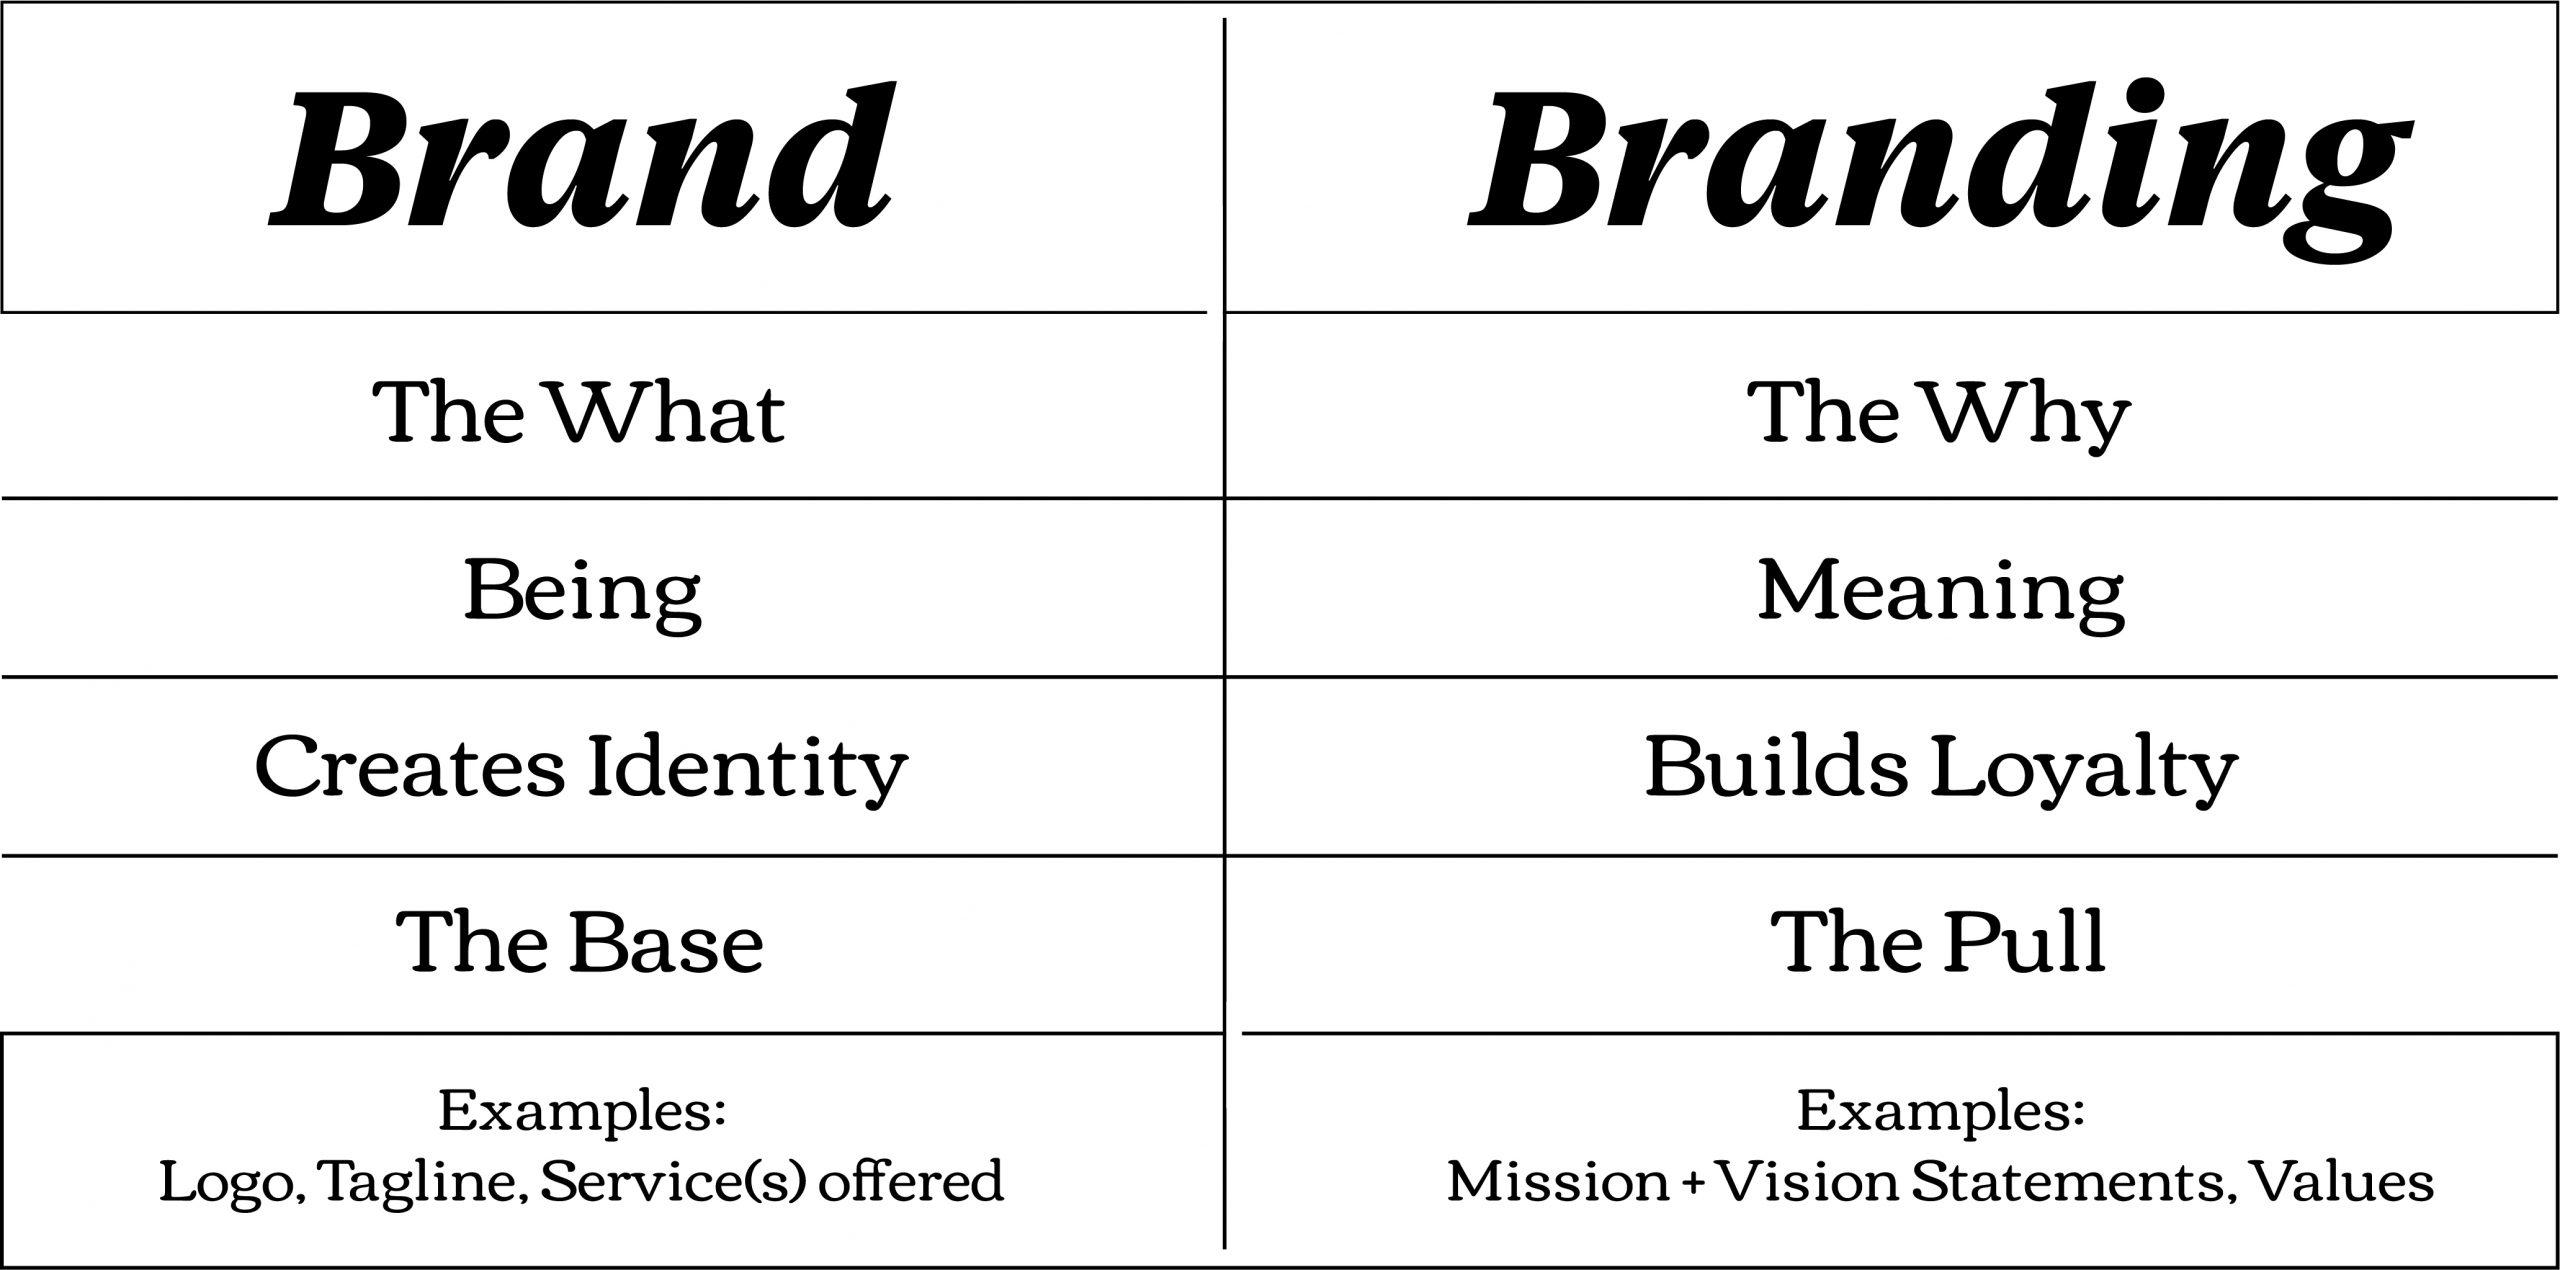 Brand vs. Branding table